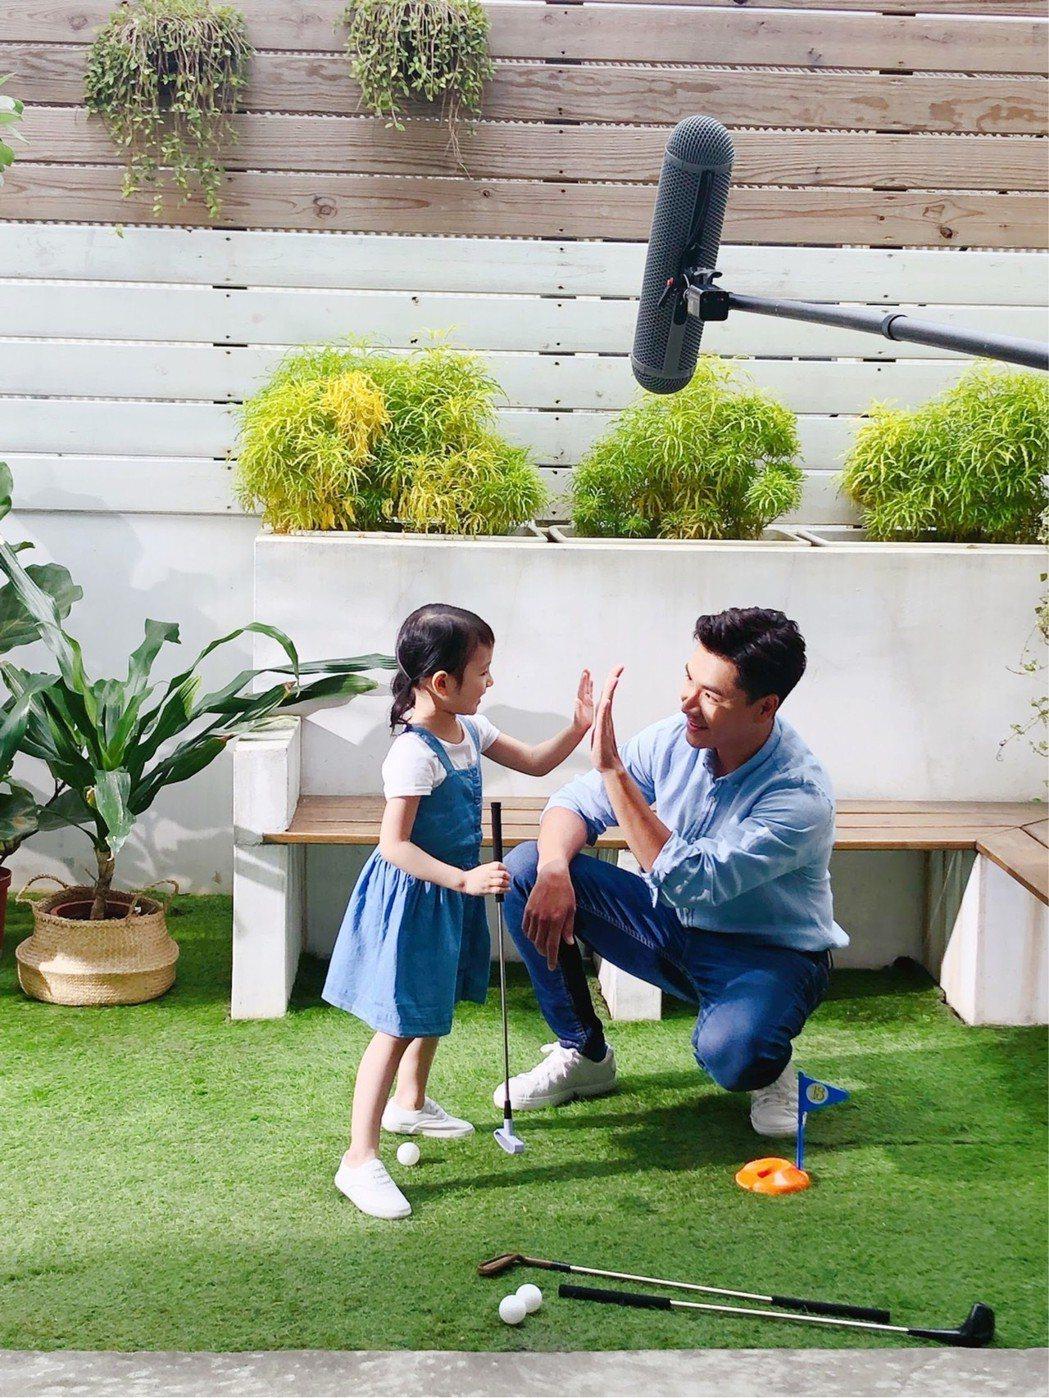 王傳一接下奶粉代言,拍攝廣告時洩漏滿滿父愛。圖/嚞娛樂提供